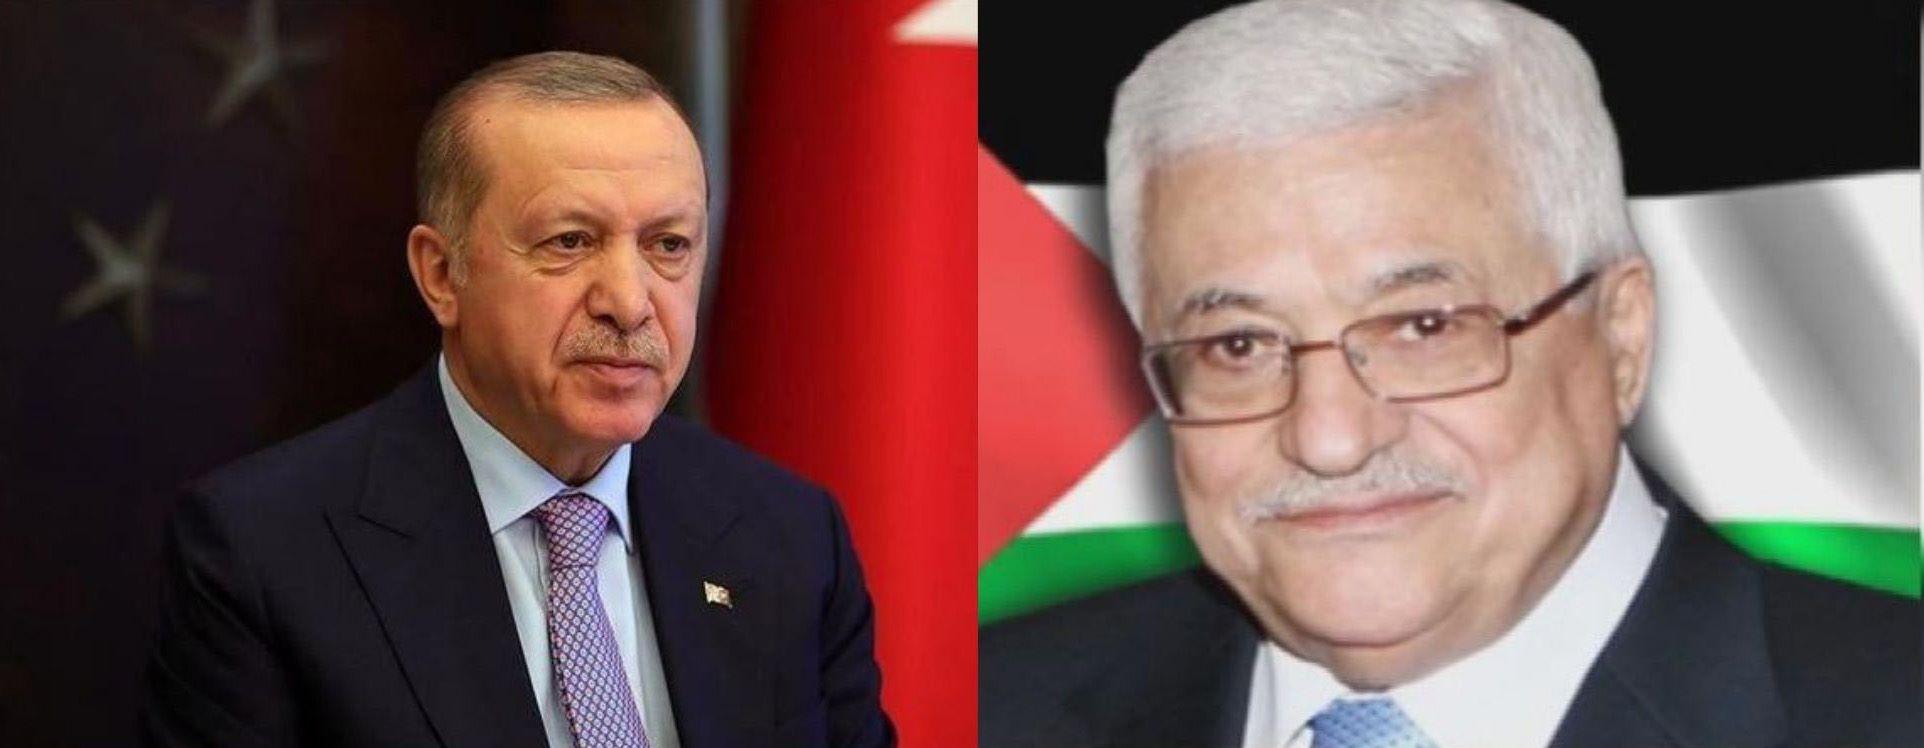 الرئيس يعزي نظيره التركي بضحايا زلزال إزمير